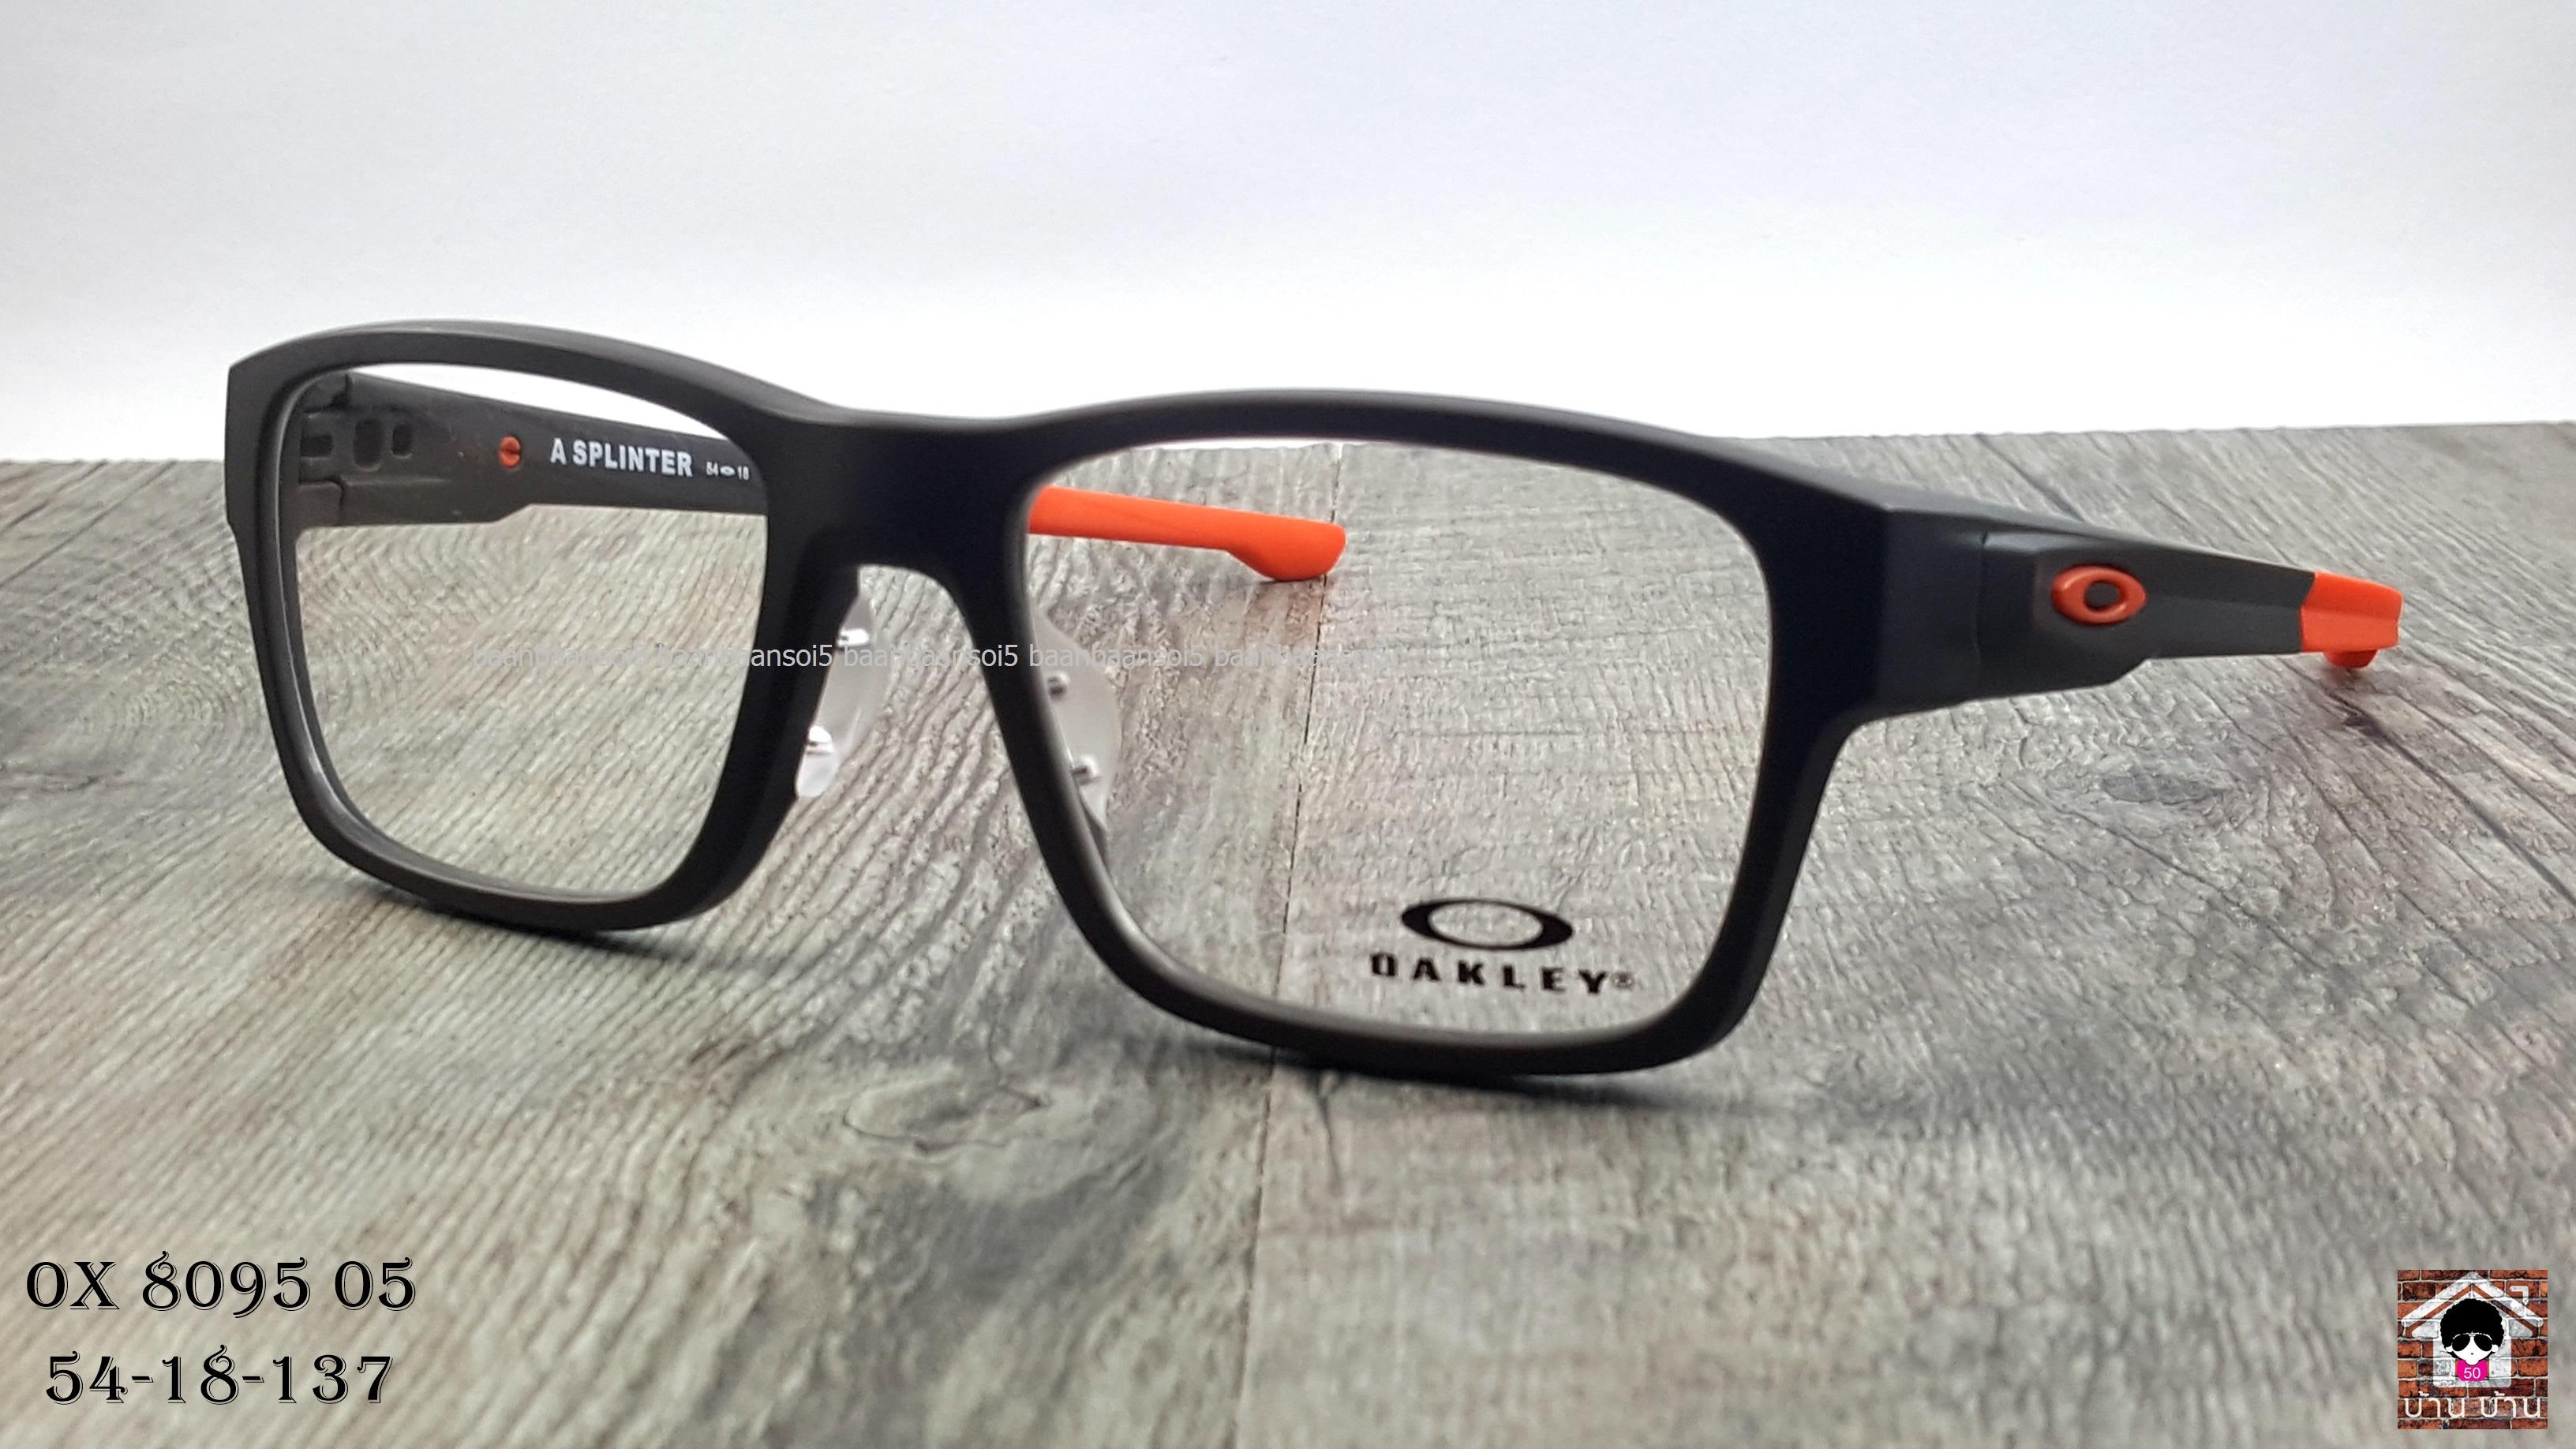 OAKLEY OX8095-05 SPLINTER (ASIA FIT) โปรโมชั่น กรอบแว่นตาพร้อมเลนส์ HOYA ราคา 3,900 บาท